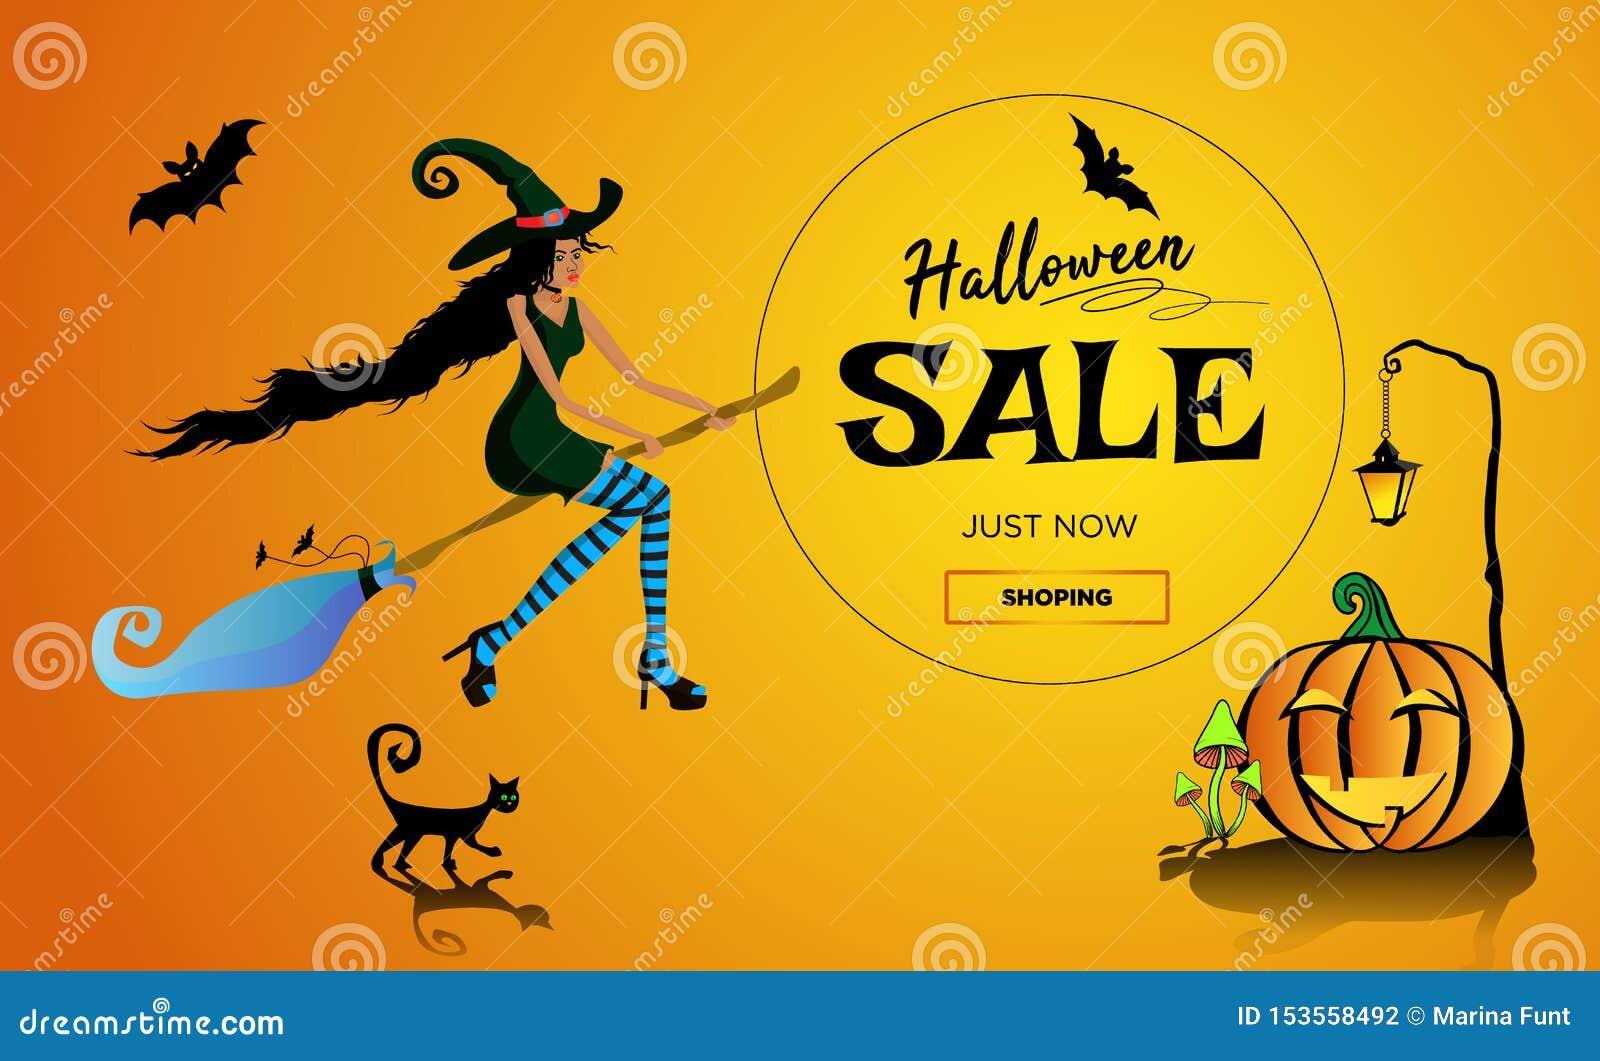 Halloween-Aleförderungsplakat, Fahne mit einer schönen schwarzen Hexe auf einem Besenstiel, eine schwarze Katze und ein Spaßkürbi